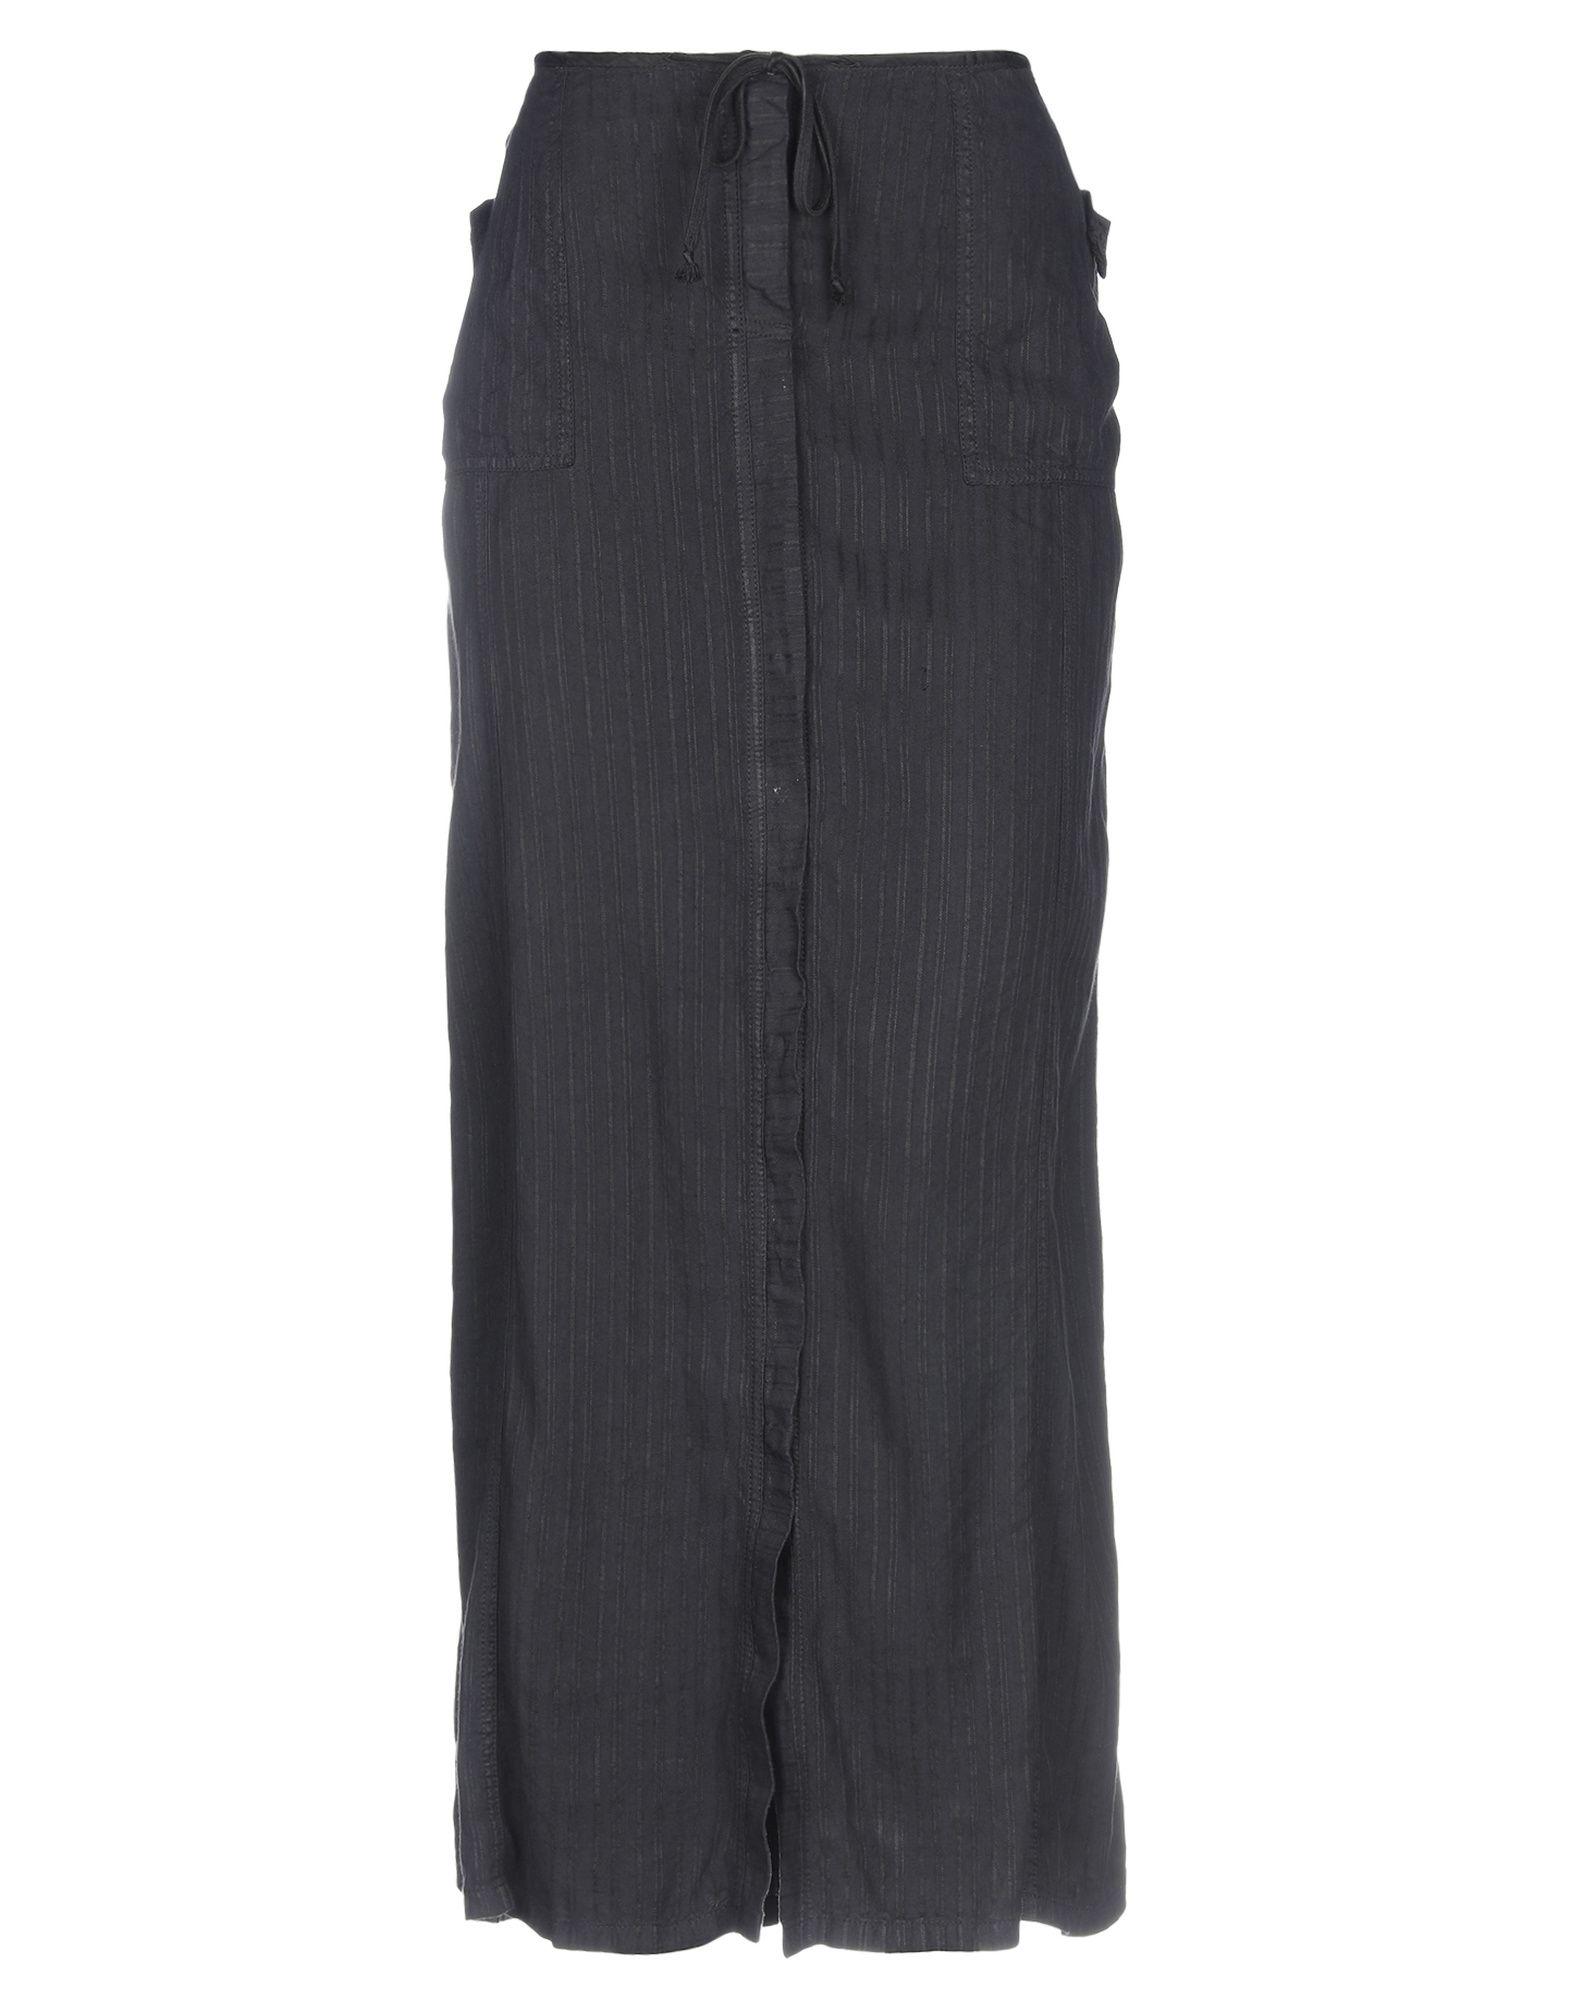 d46278a4f93 Купить jeans les copains длинная юбка в интернет магазине Dar-ulya.ru